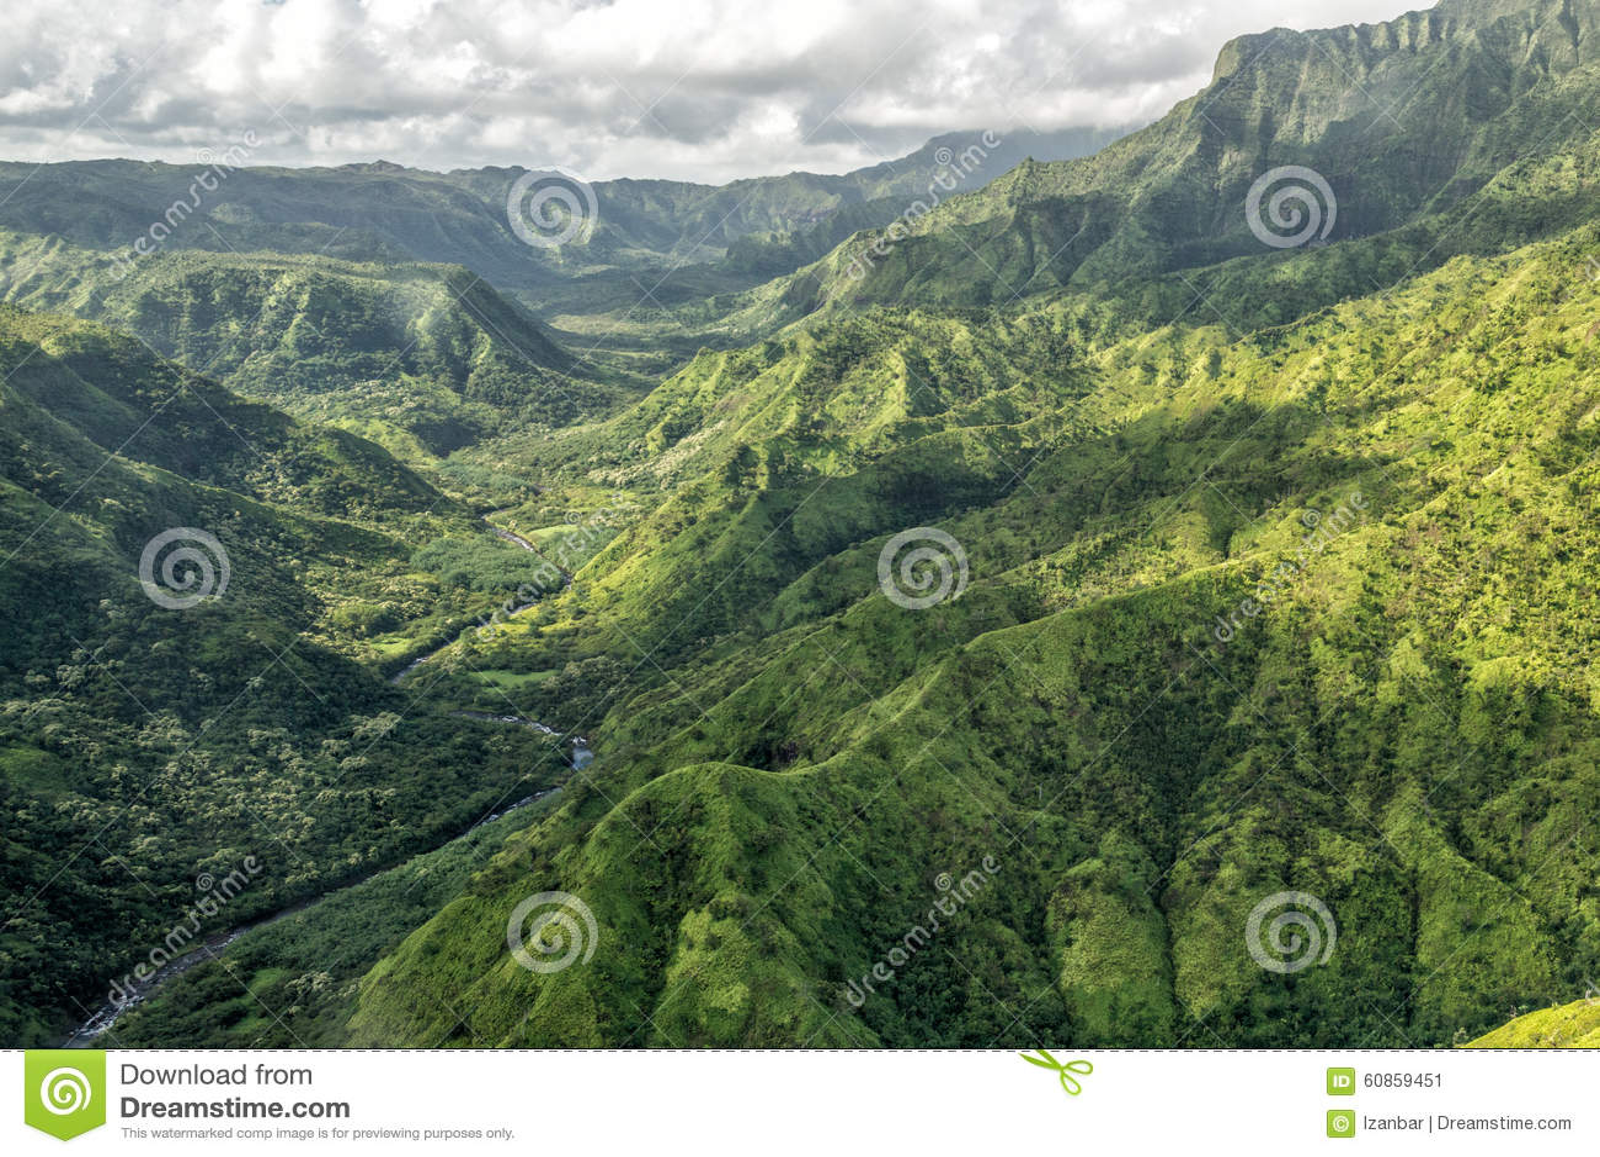 Kauai pone verde el escenario de película jurásico del parque de la opinión aérea de la montaña